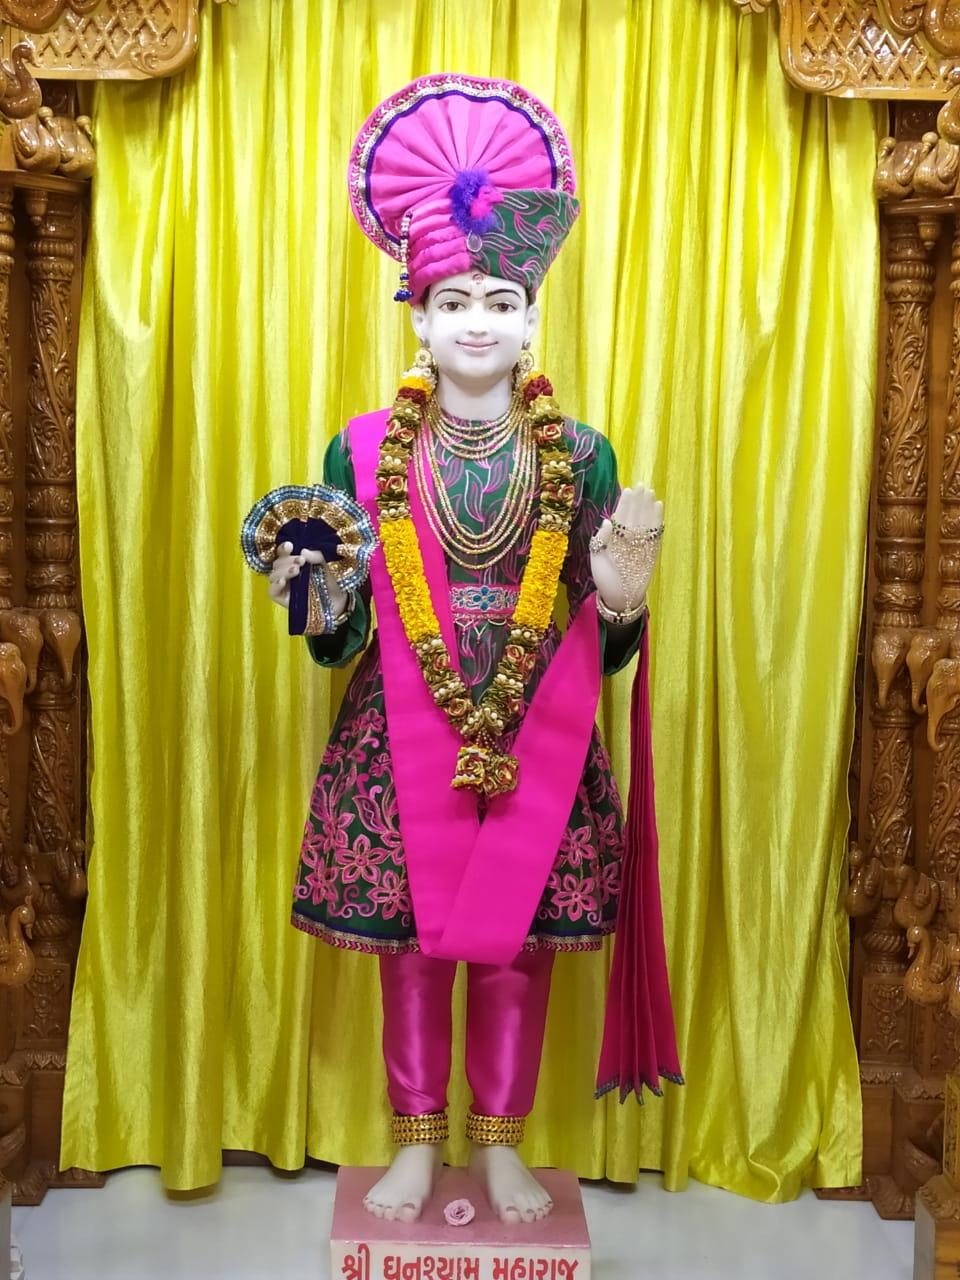 SMVS Swaminarayan Mandir - Vadodara